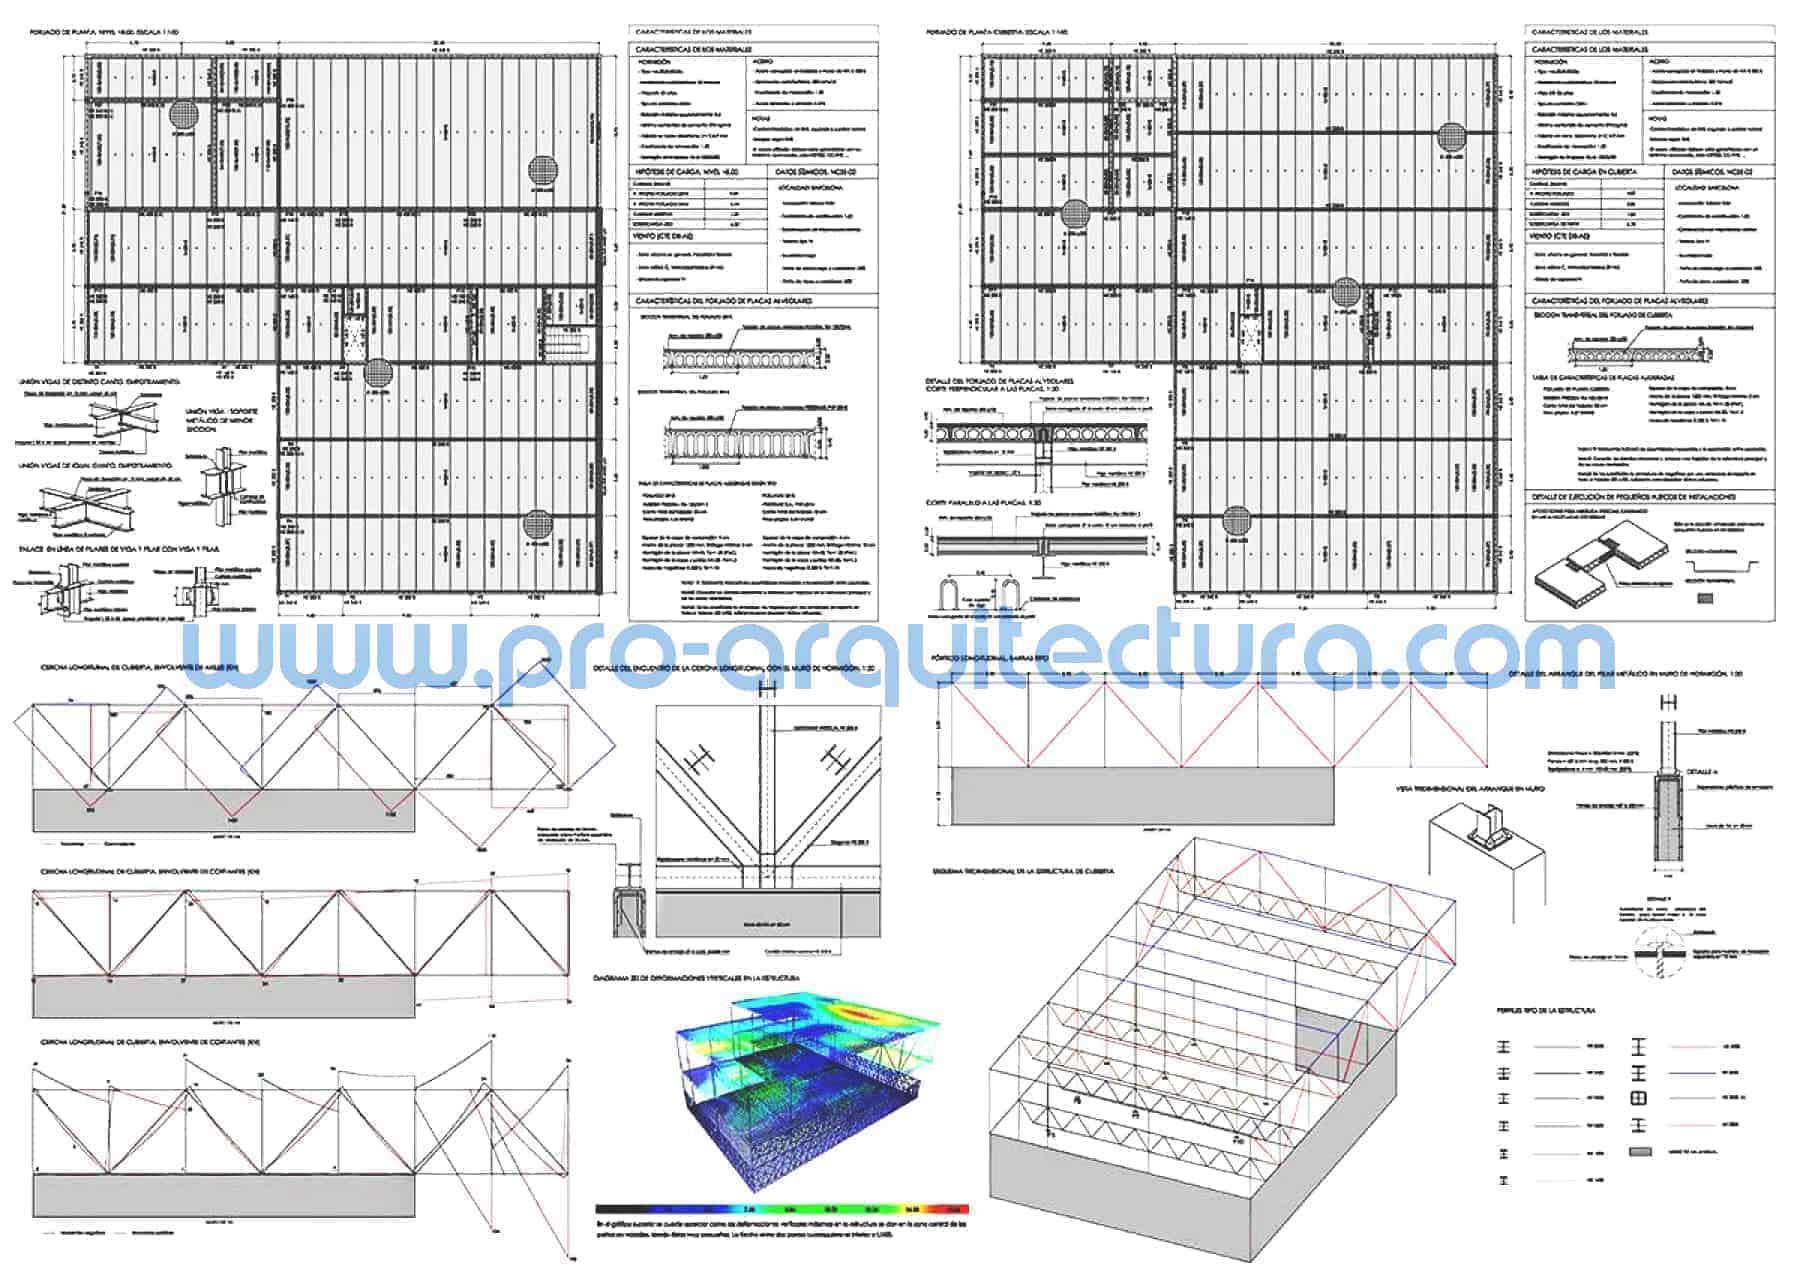 0051-08 Escuela de arte - Planos de estructuras - Tu ayuda con la entrega de la estructura del pfc pfg tfg tfm de arquitectura.